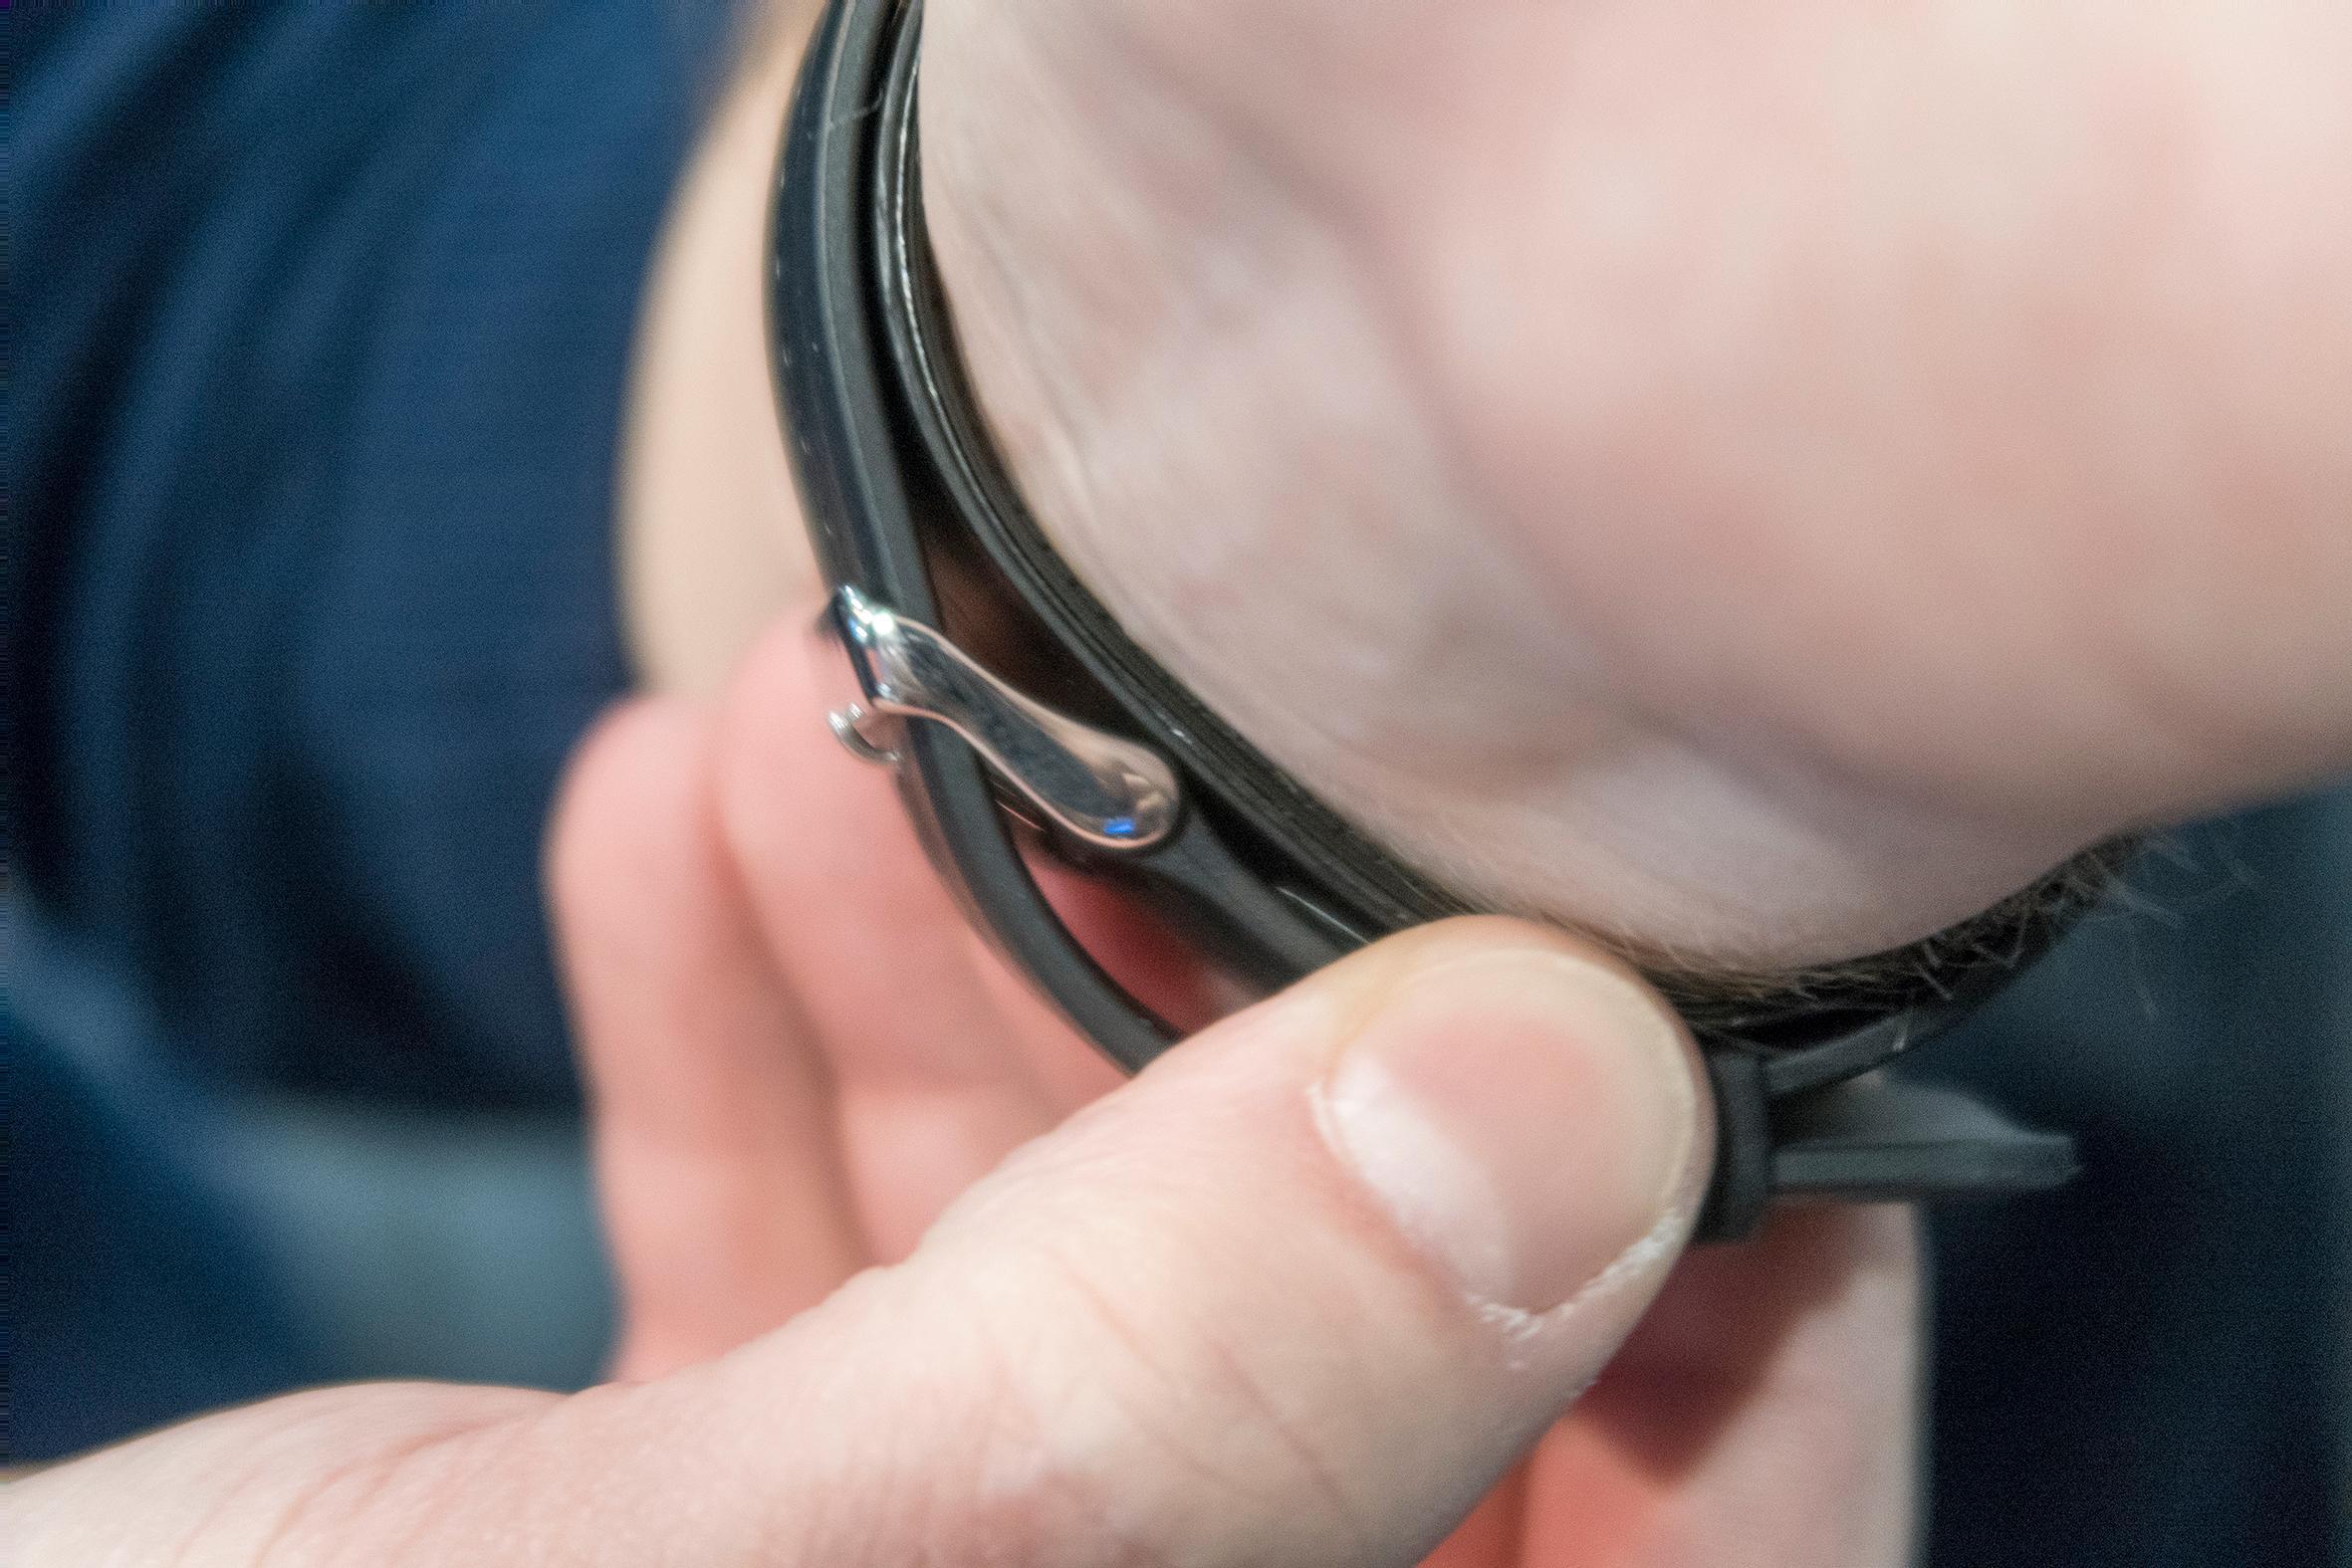 Oppblåsbar rem: Remmen på klokka ser vanlig ut, men skjuler et system for å blåse seg opp til blodet stopper i håndleddet.